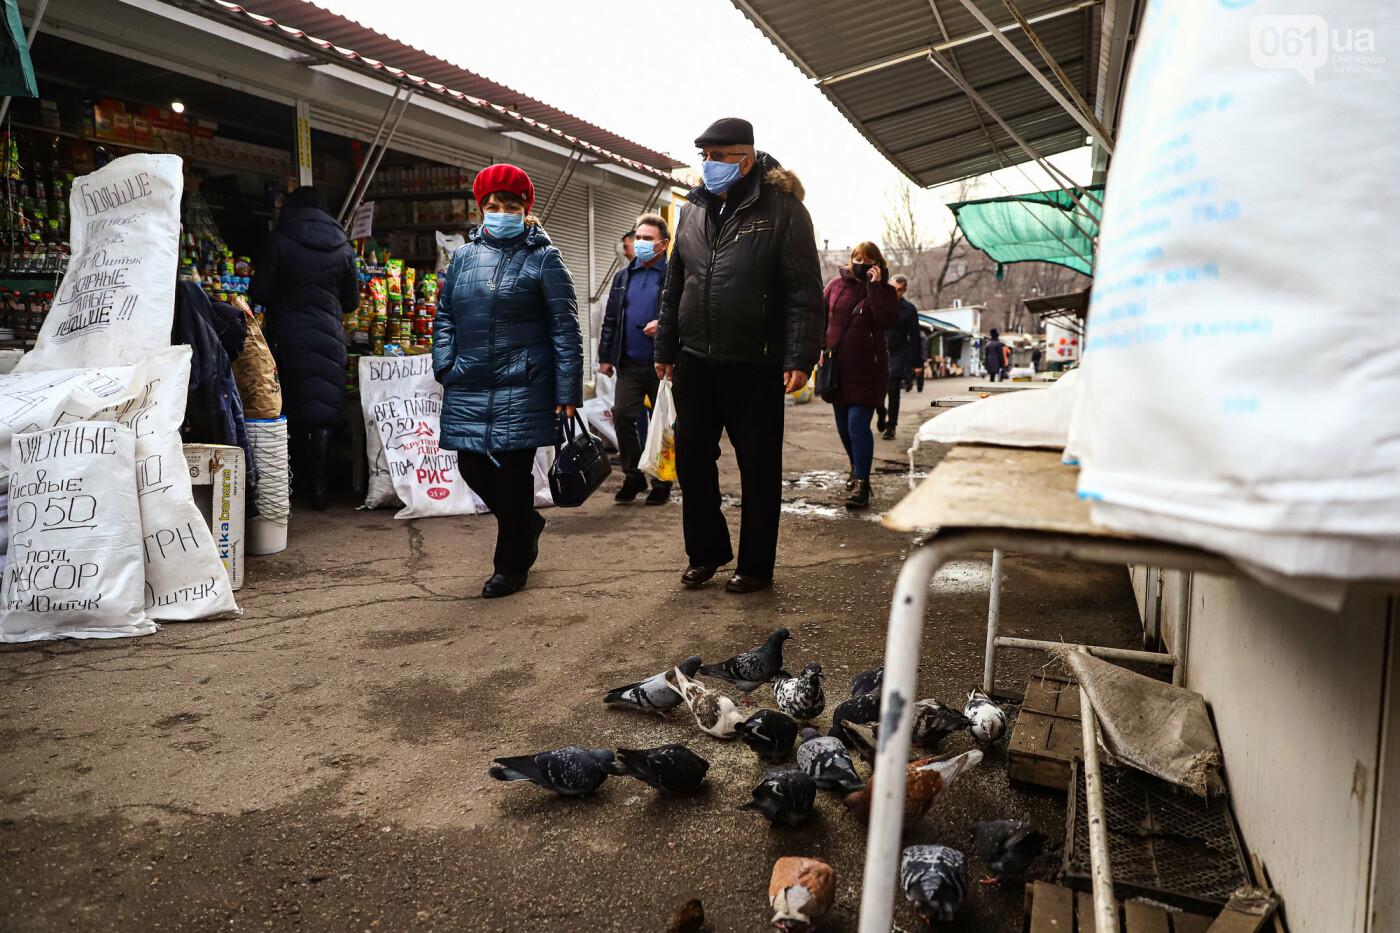 Защитные ленты на товарах, неработающие ТРЦ и полузакрытые рынки – фоторепортаж о первом дне локдауна в Запорожье, фото-14